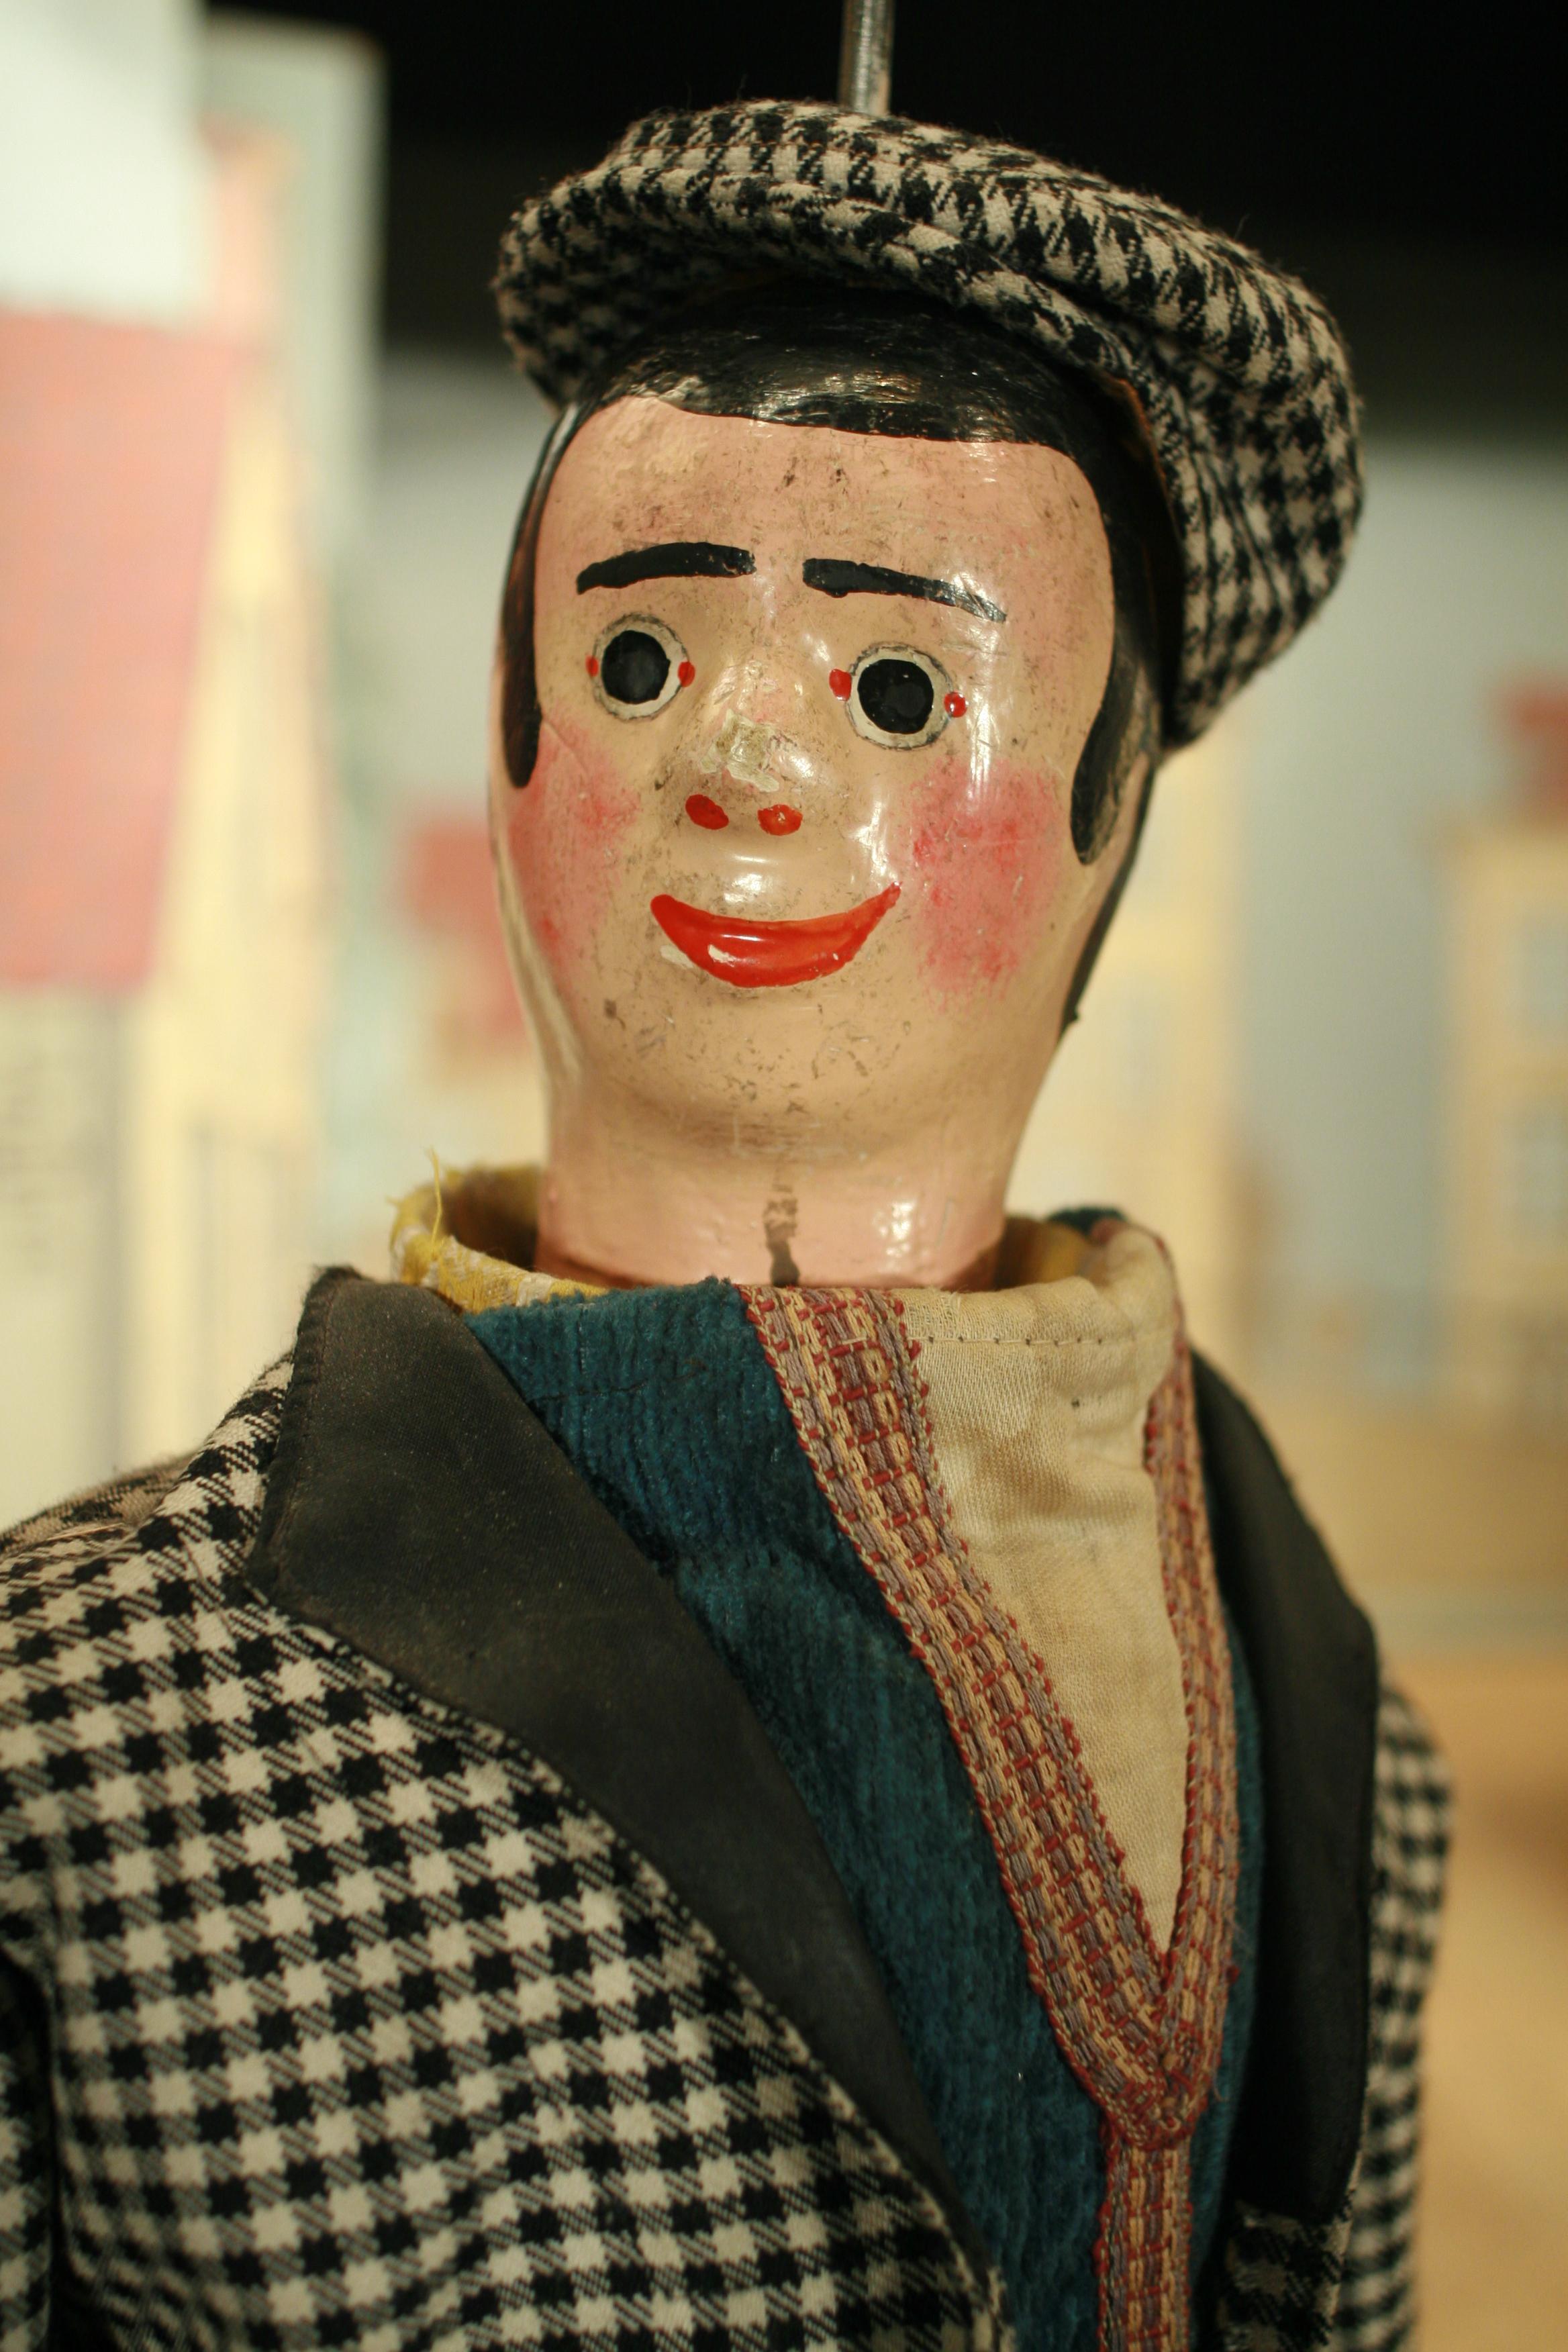 Woltje, le «ketje» de Bruxelles, la mascotte du Théâtre Royal de Toone (Bruxelles, Belgique). Marionnette à tringle. Photo: Nicolas Géal